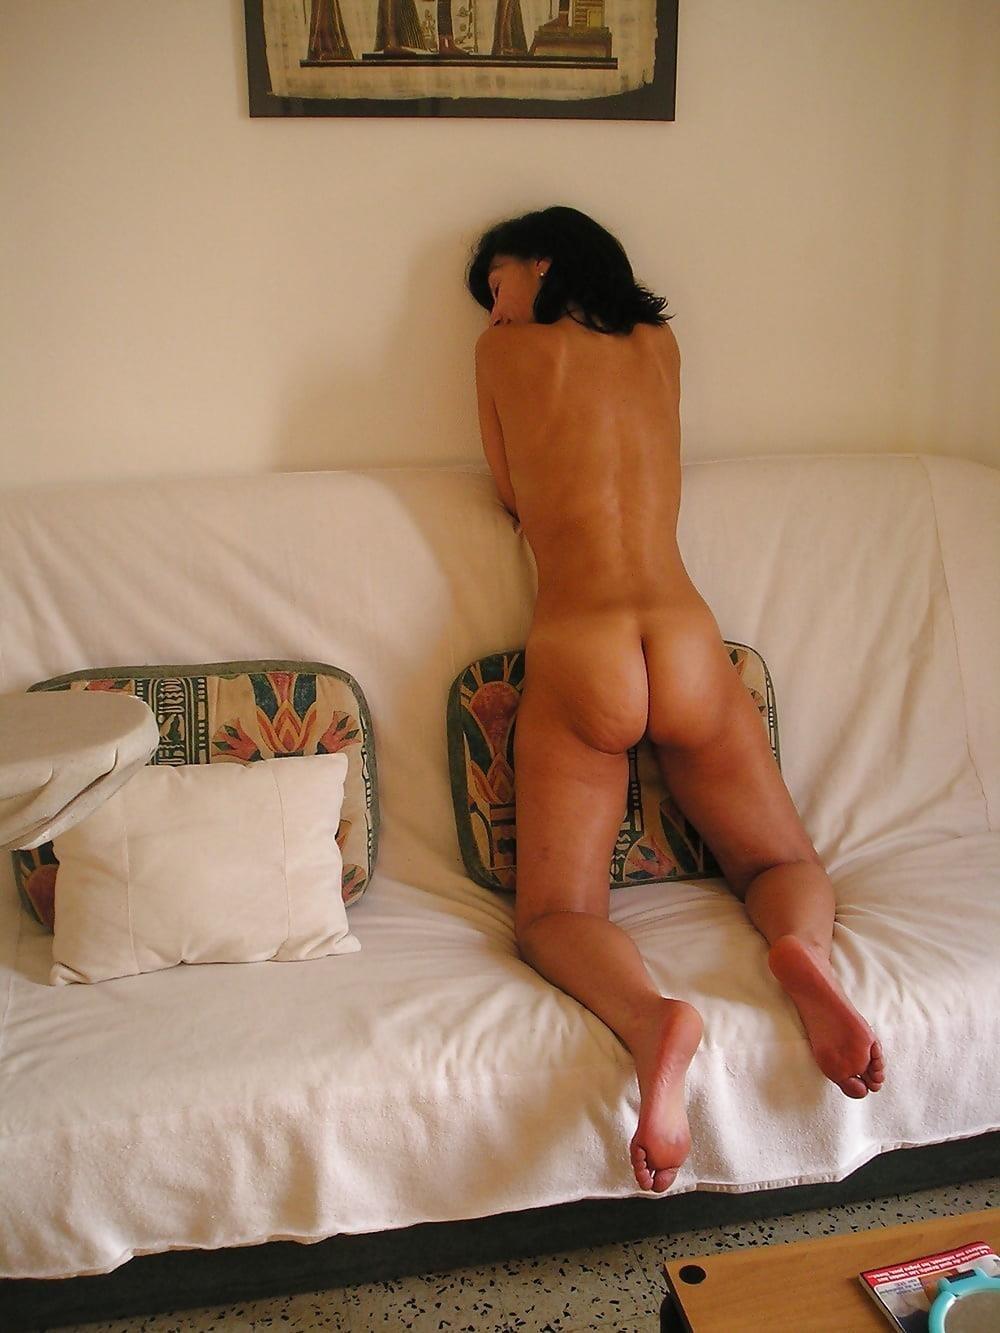 Hot girls bathing naked-5880